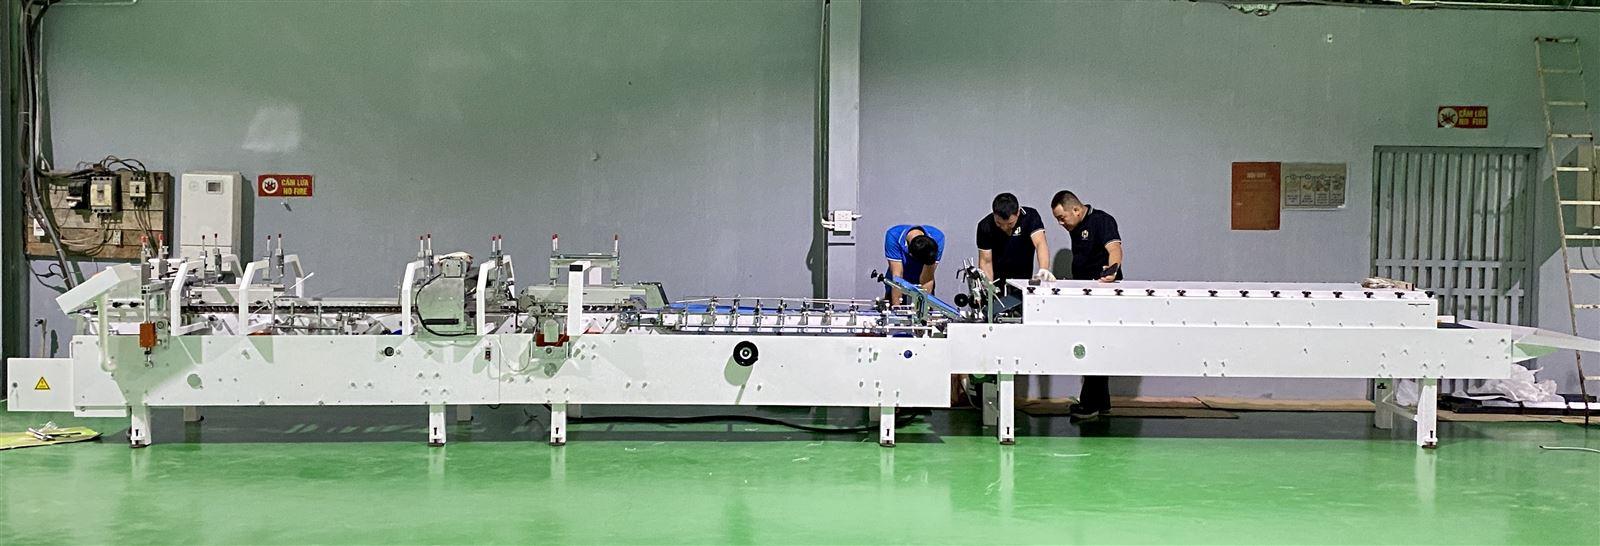 Lắp đặt máy dán móc đáy tự động - ZH800